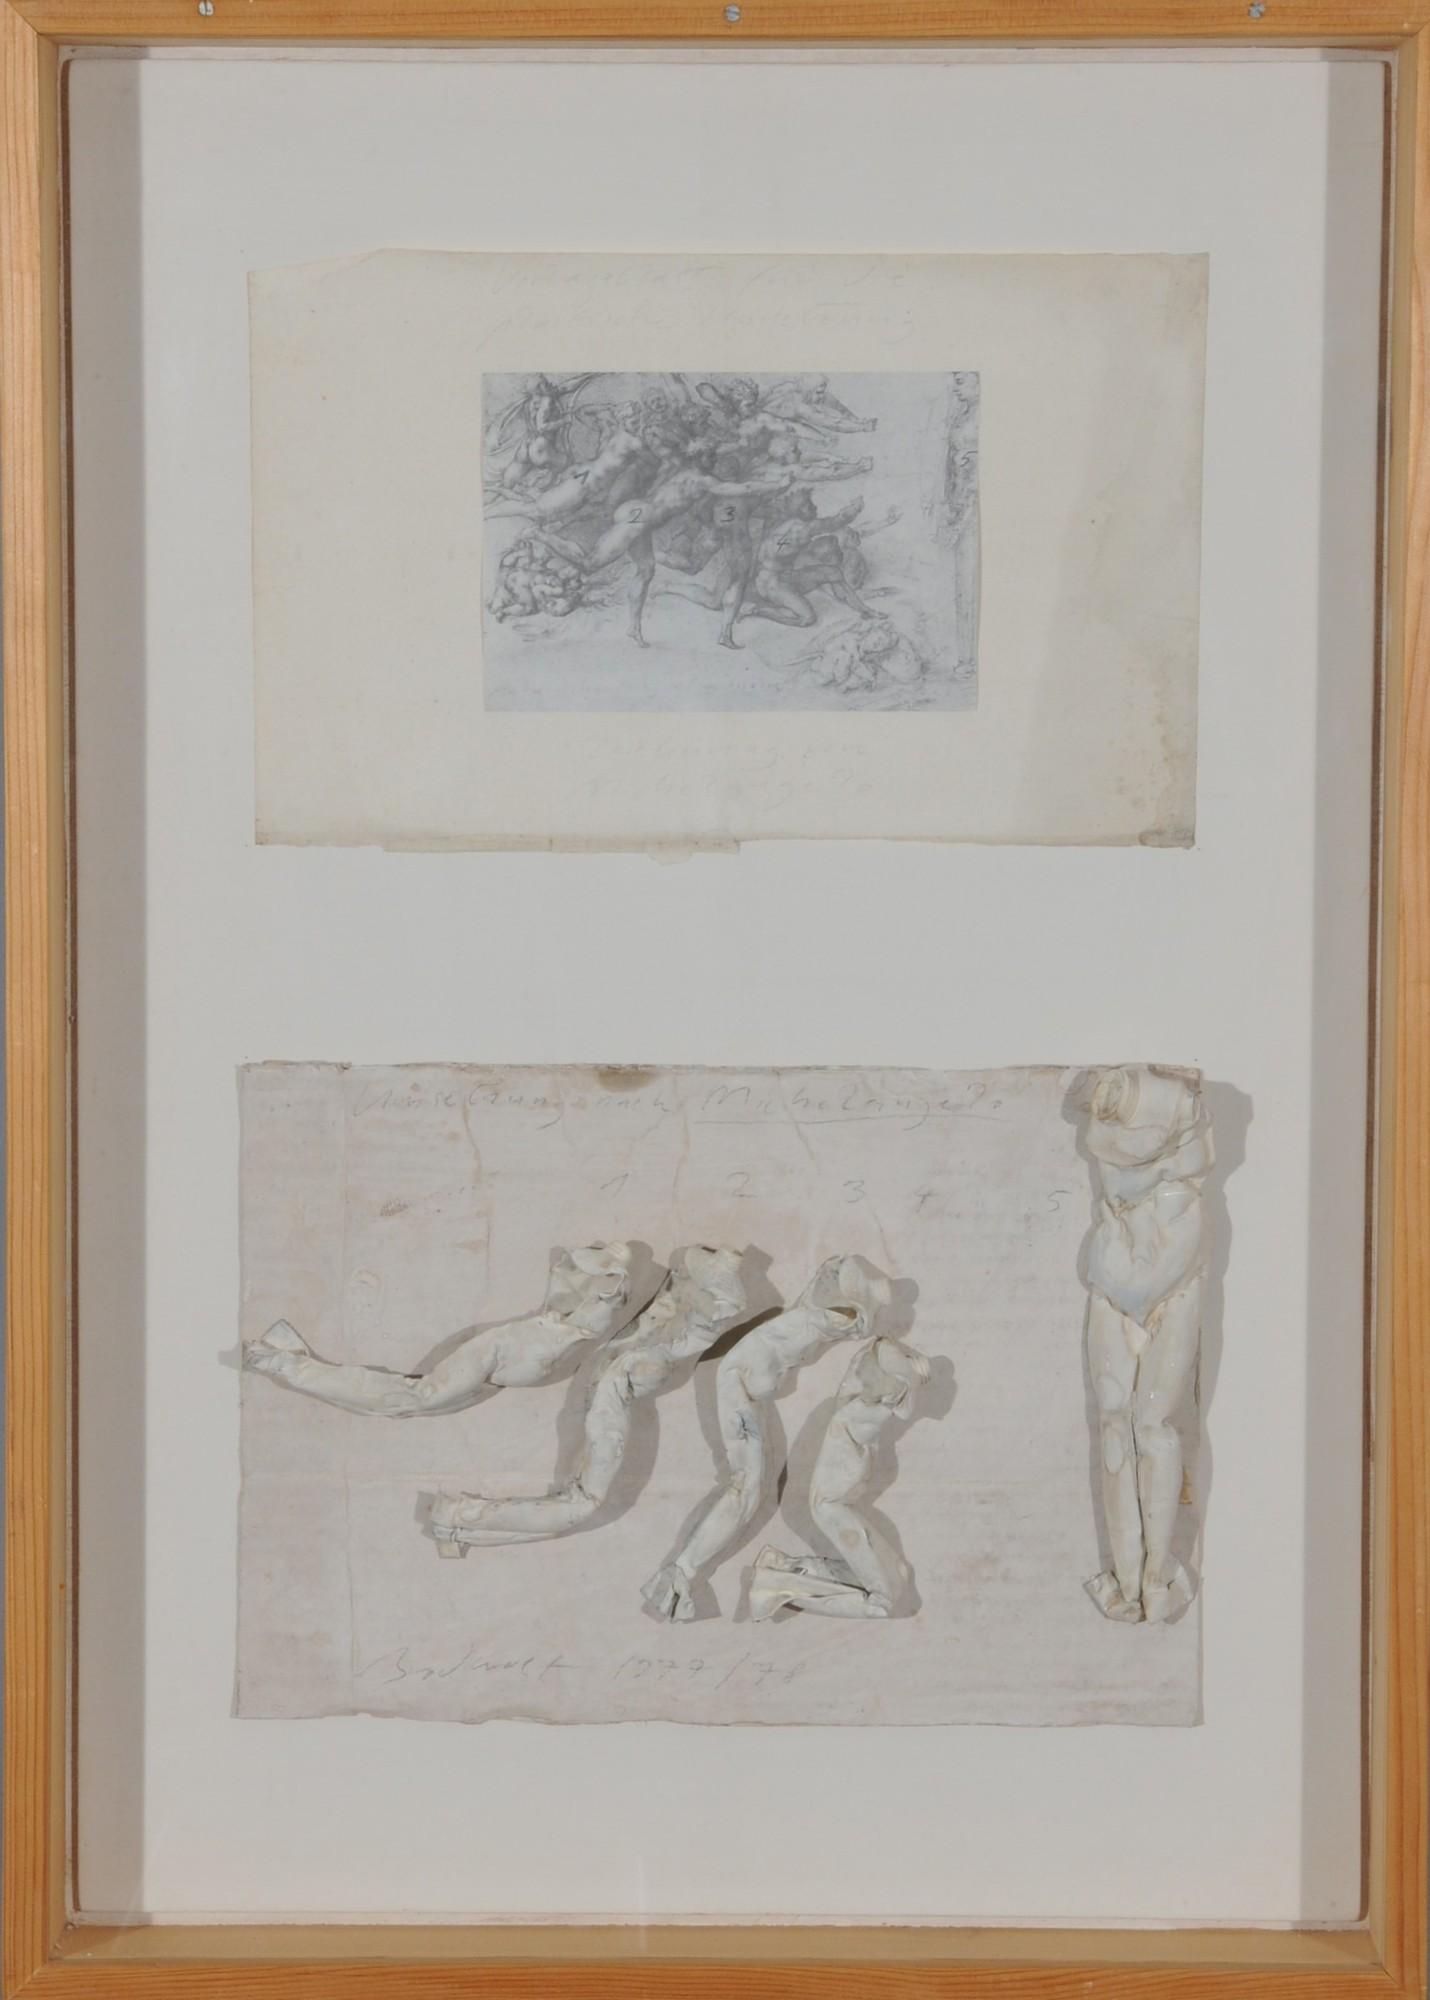 Brodwolf Jürgen, Umsetzung nach Michelangelo